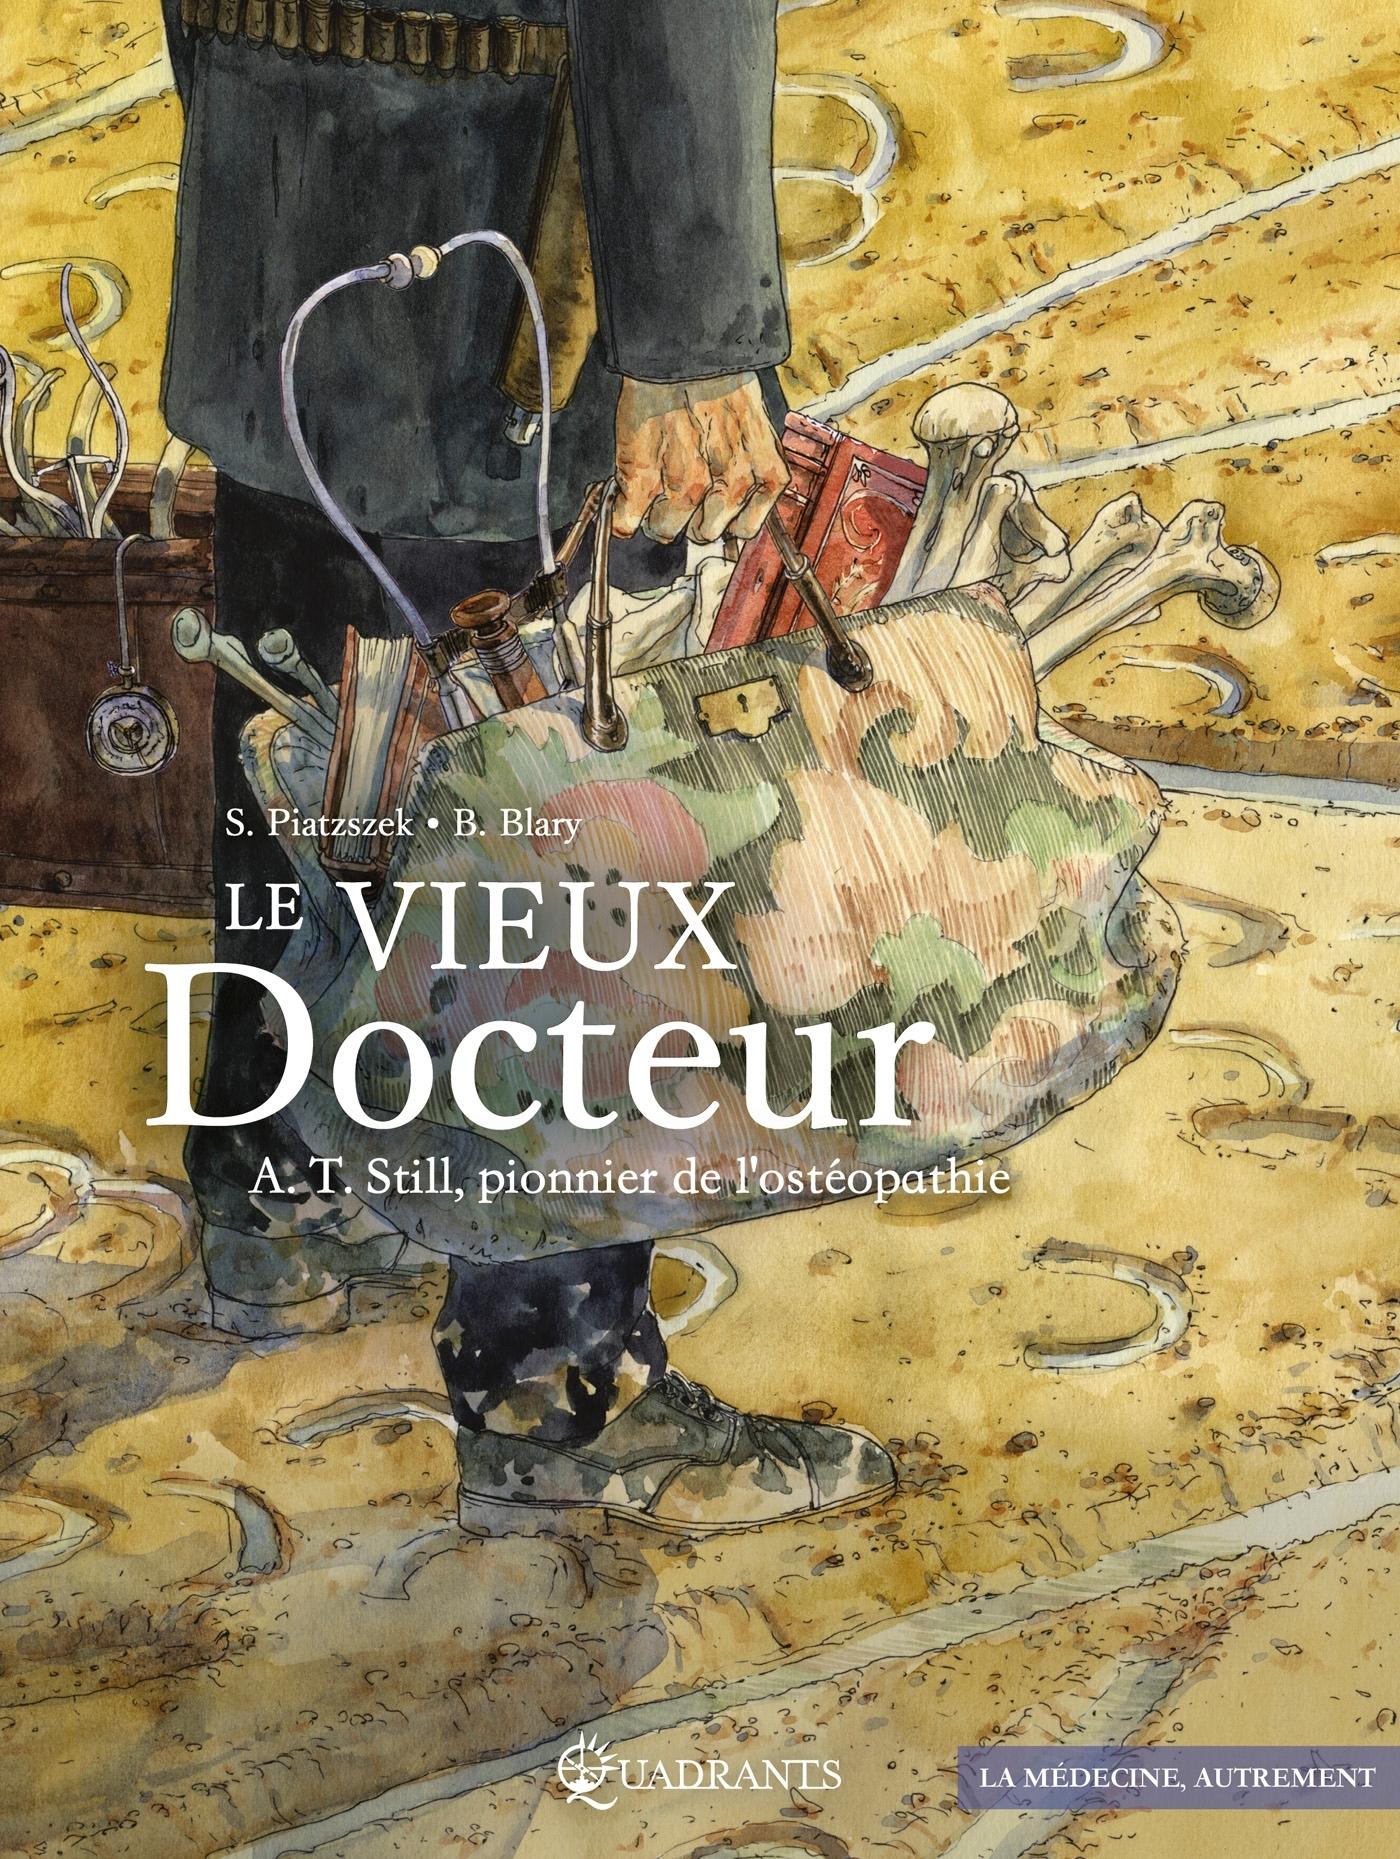 LE VIEUX DOCTEUR A. T. STILL, PIONNIER DE L'OSTEOPATHIE